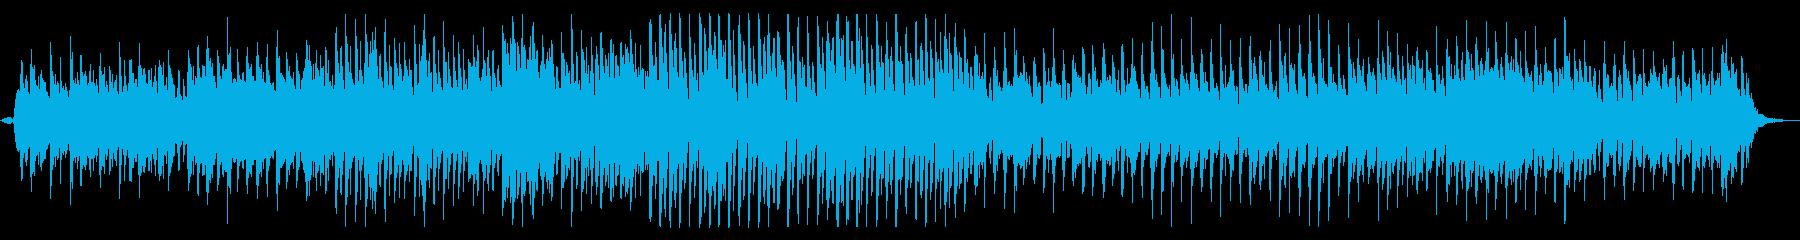 アジア系野性的なボイスが特徴的な民族音楽の再生済みの波形